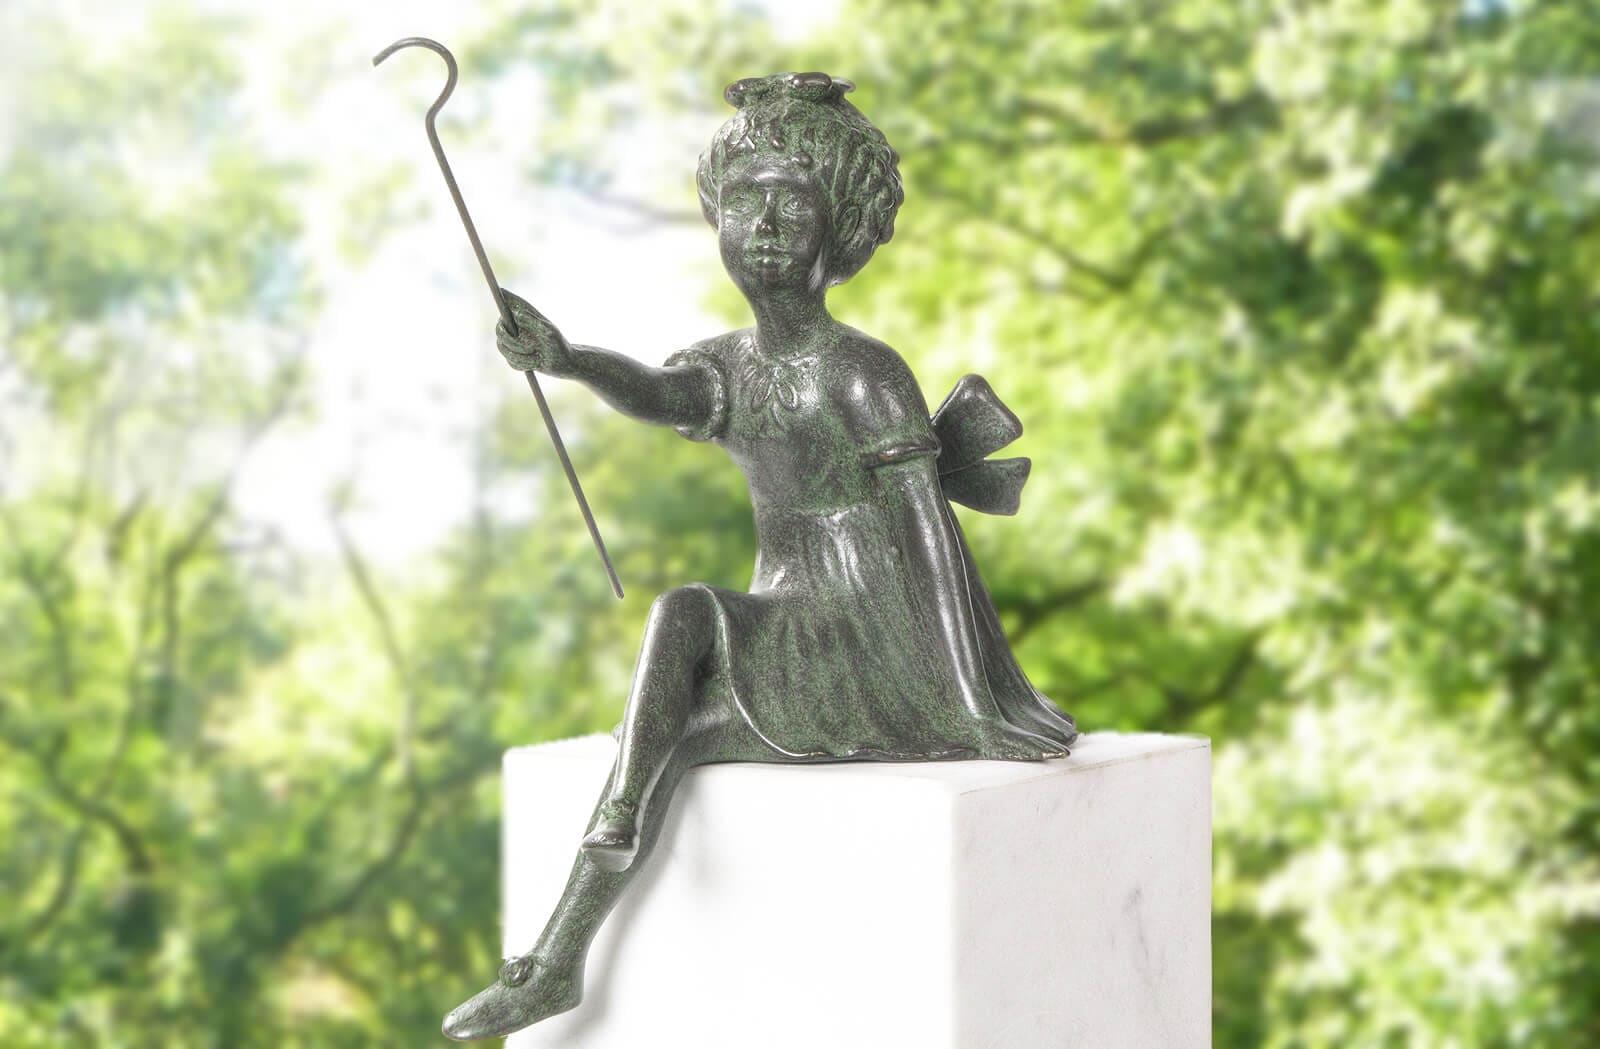 Full Size of Bronze Skulptur Hg Haus Und Garten Galerie Liegestuhl Brunnen Im Heizstrahler Spielhaus Kunststoff Wasserbrunnen Kinderspielturm Feuerstelle Holztisch Lounge Wohnzimmer Skulptur Garten